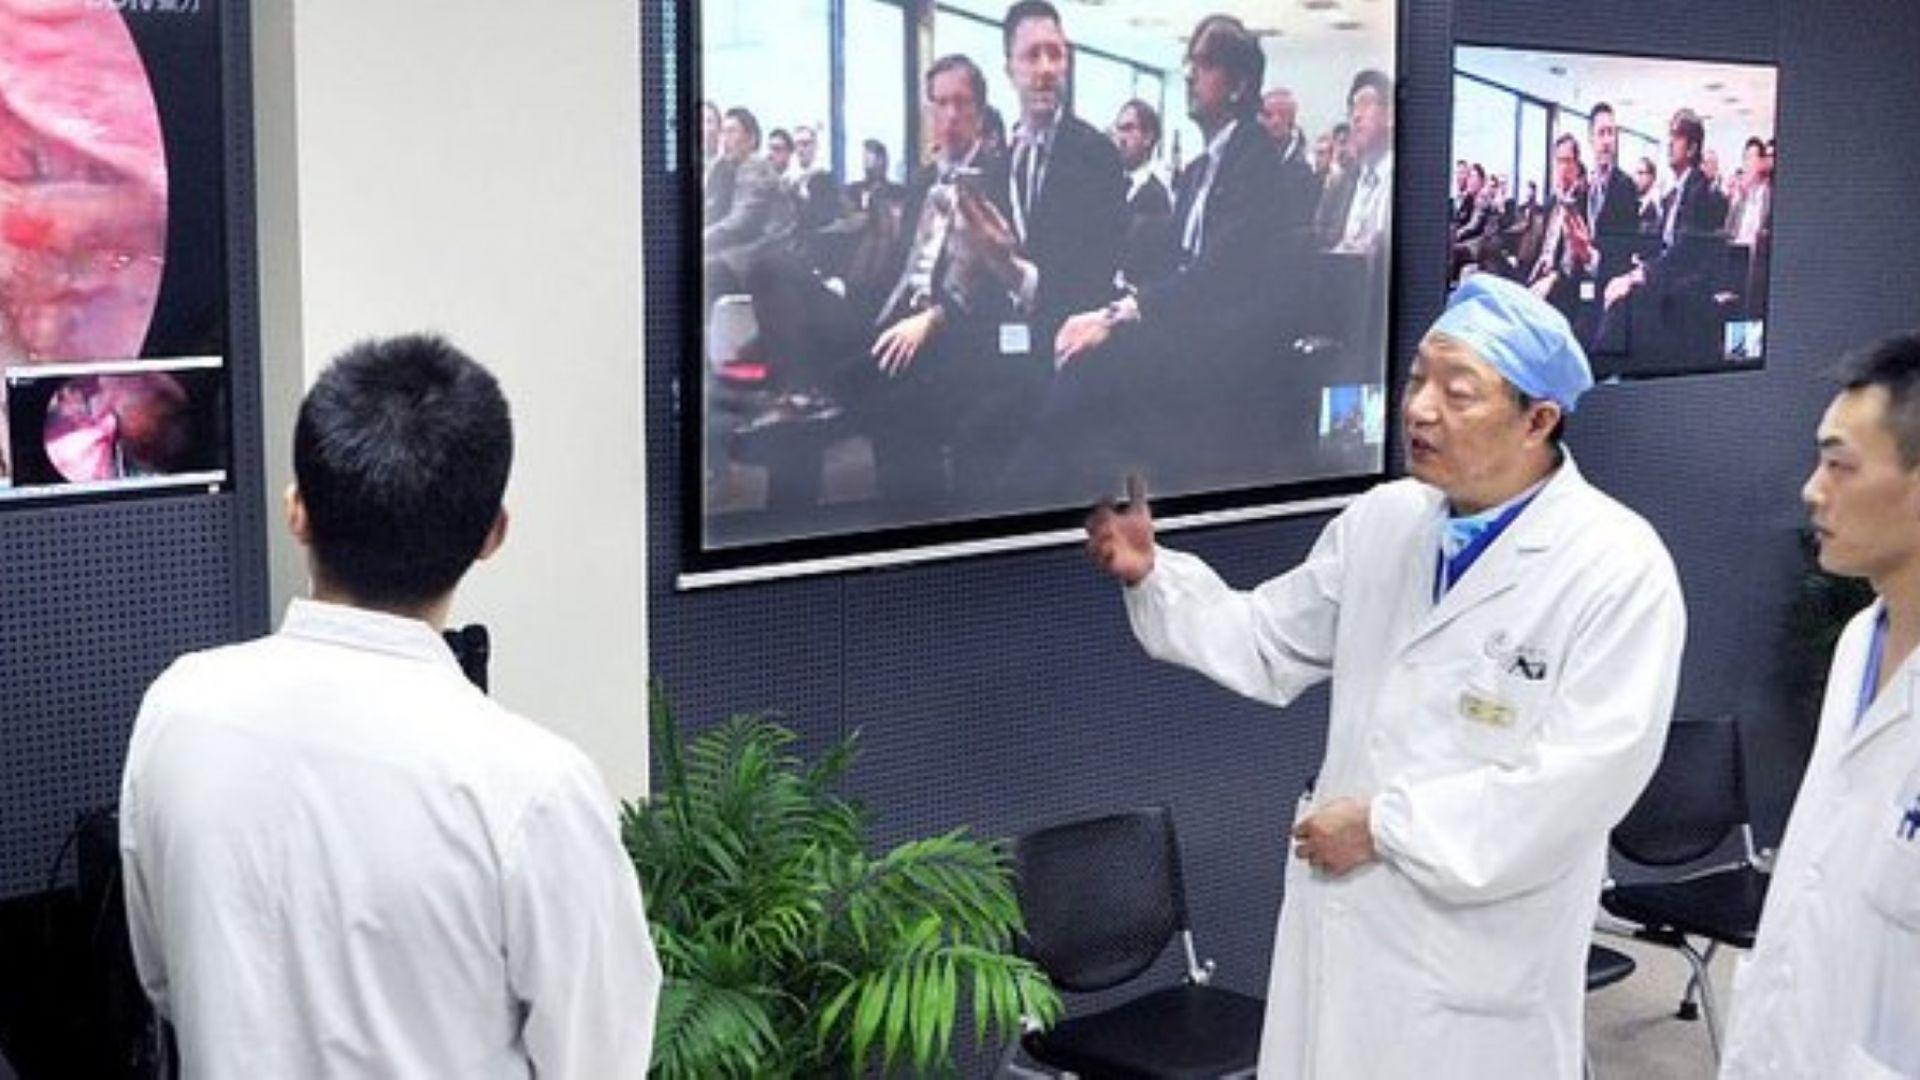 Китайски хирург изпълни първата в света мозъчна операция от разстояние,